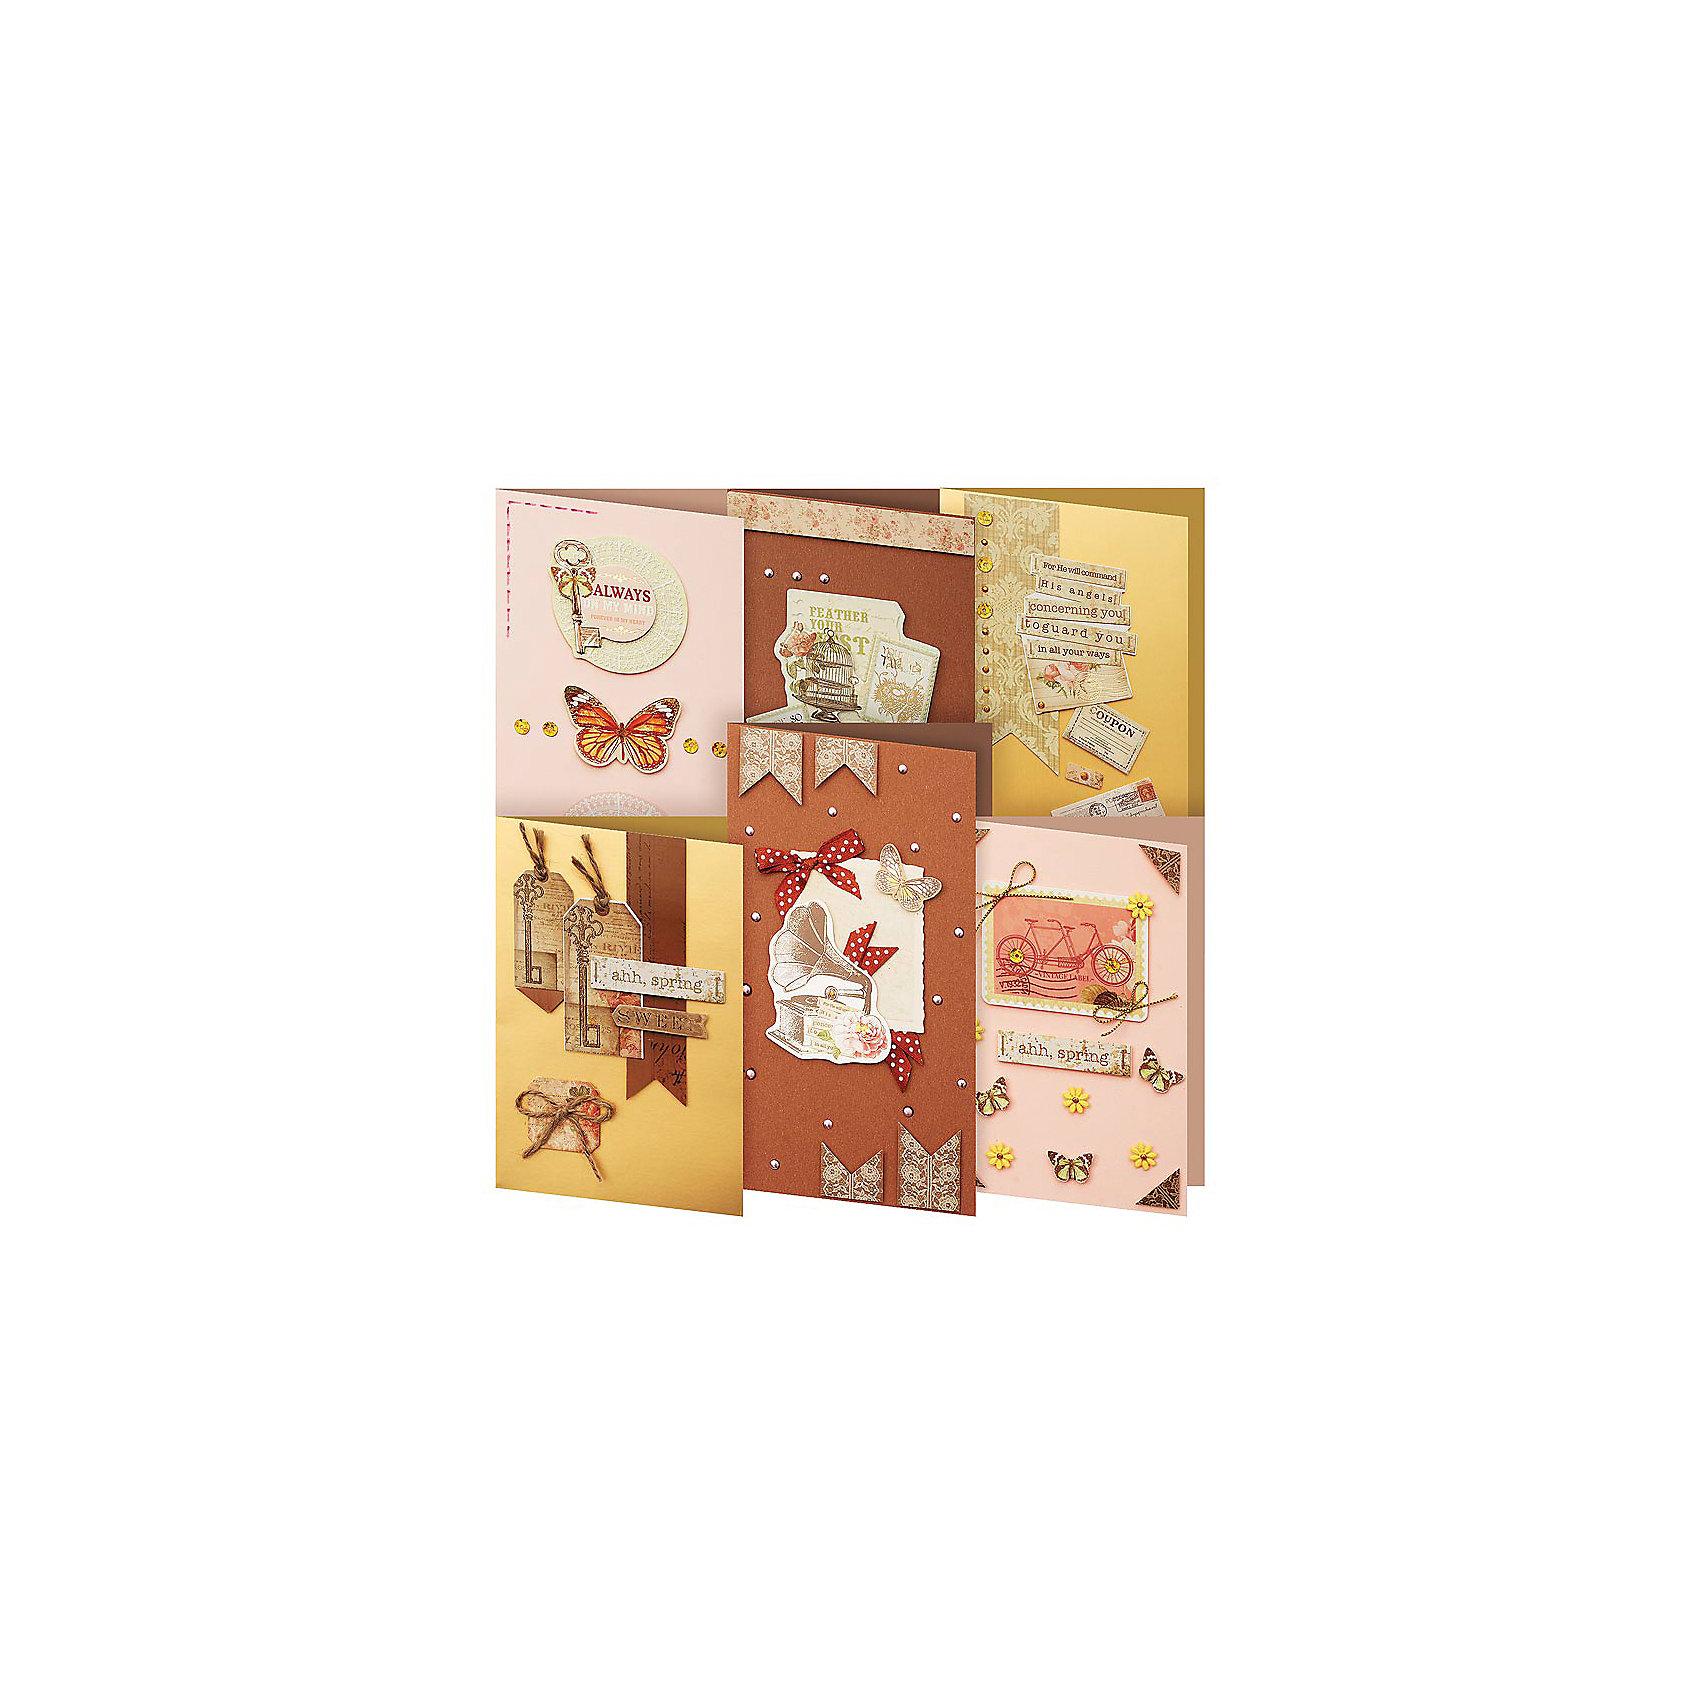 Скрапбукинг-набор для создания 6-ти открыток ШоколадСкрапбукинг-набор для создания 6-ти открыток Шоколад, Белоснежка.<br><br>Характеристики:<br><br>• содержит всё необходимое для создания открытки. <br>• в комплекте: 6 основ для открытки, 6 конвертов, картон, клеевые подушечки, ленты, вырубка из бумаги, пайетки, стразы<br>• размер: 11,5х17 см<br><br>Набор Шоколад содержит 6 основ для открыток и декоративных элементов на любой вкус. Вы сможете создать прекрасные открытки своими руками. Набор подходит даже для начинающих, ведь инструкция на упаковке подробно расскажет вам о процессе создания открыток. Ваши близкие по достоинству оценят подарки, сделанные своими руками!<br><br>Скрапбукинг-набор для создания 6-ти открыток Шоколад вы можете купить в нашем интернет-магазине.<br><br>Ширина мм: 270<br>Глубина мм: 150<br>Высота мм: 60<br>Вес г: 274<br>Возраст от месяцев: 72<br>Возраст до месяцев: 144<br>Пол: Женский<br>Возраст: Детский<br>SKU: 5089625